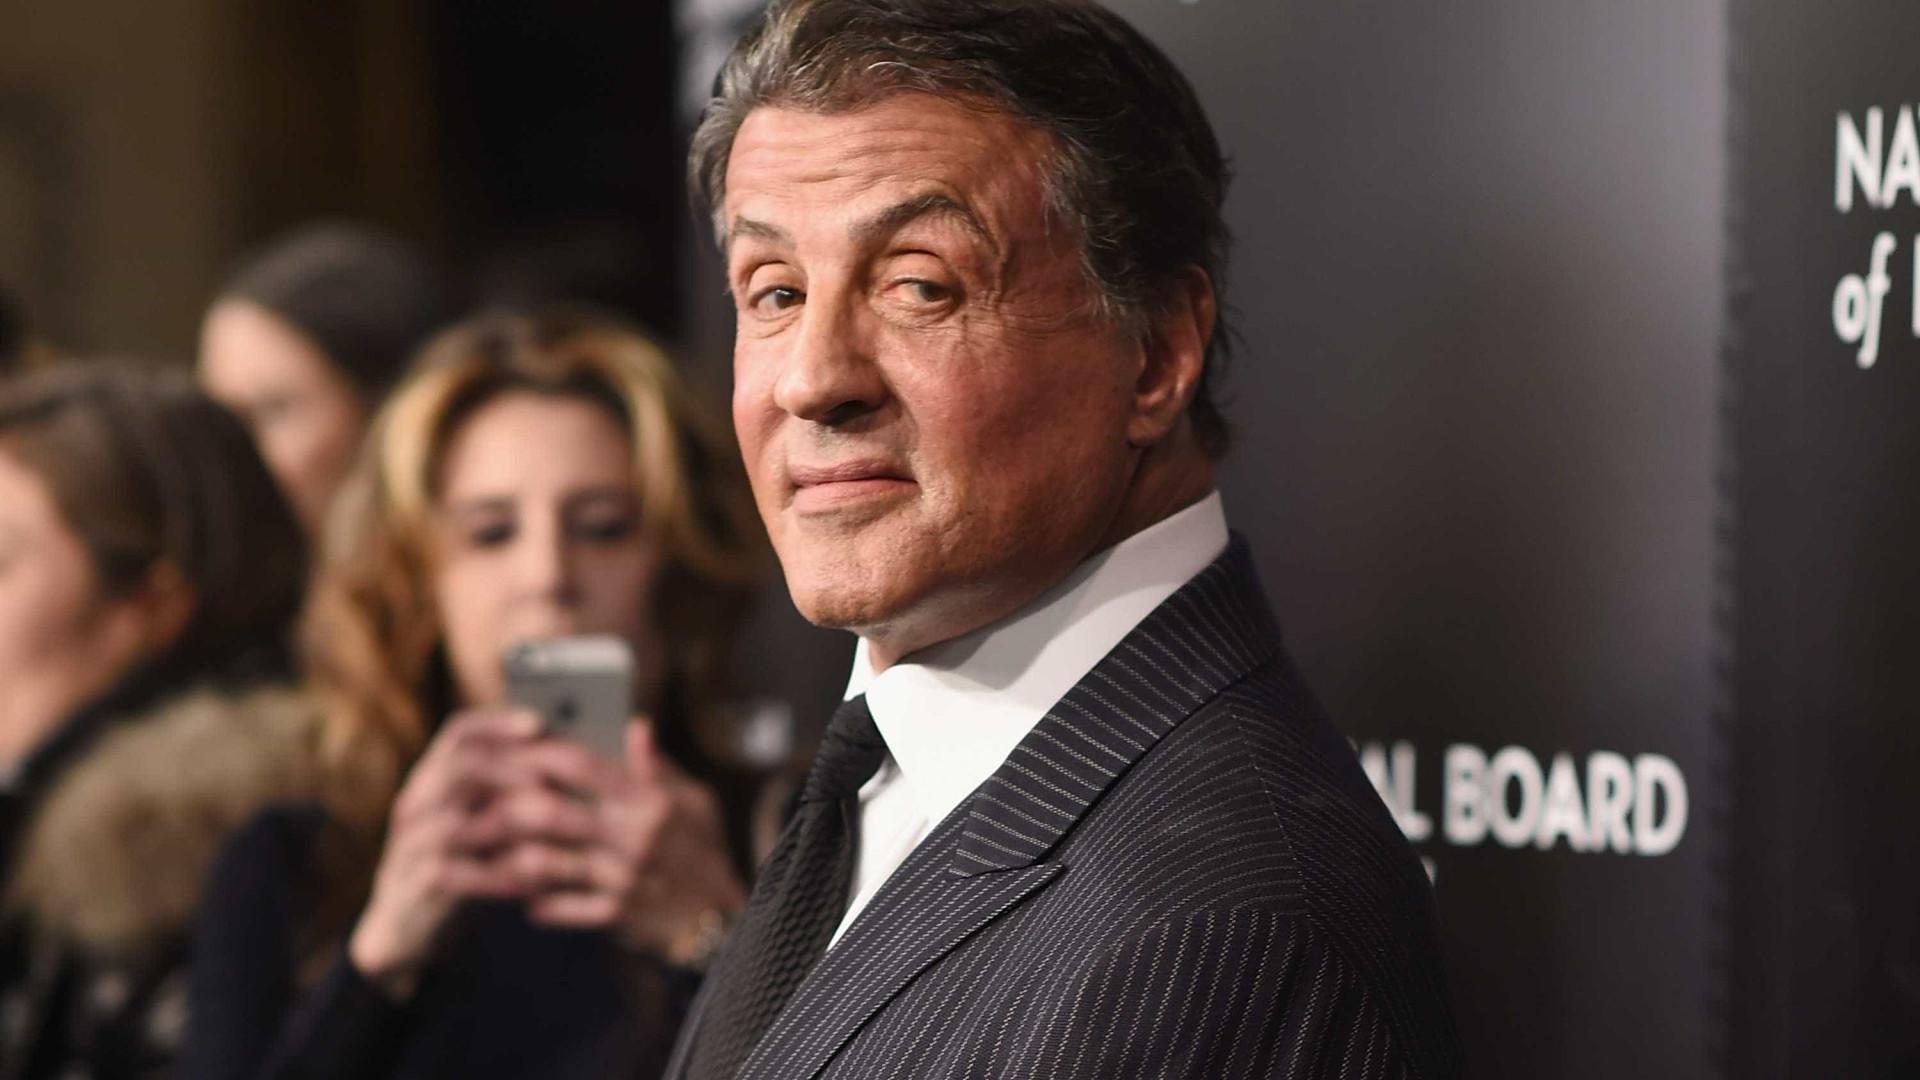 Acusação de abuso sexual a Sylvester Stallone nos anos 90 sob revisão